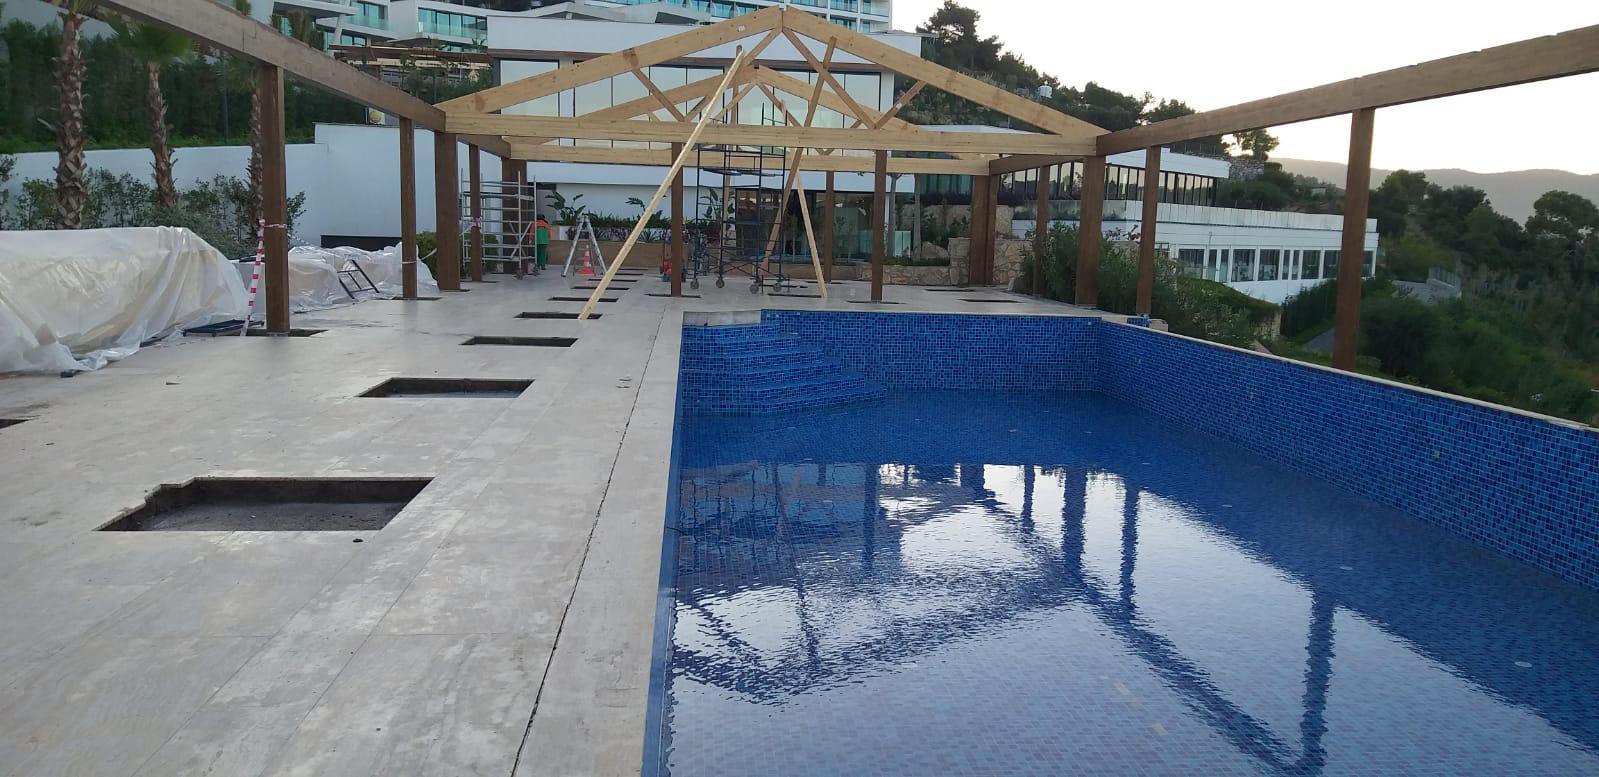 Le Meridien Bodrum Kapalı Havuz Strüktürü